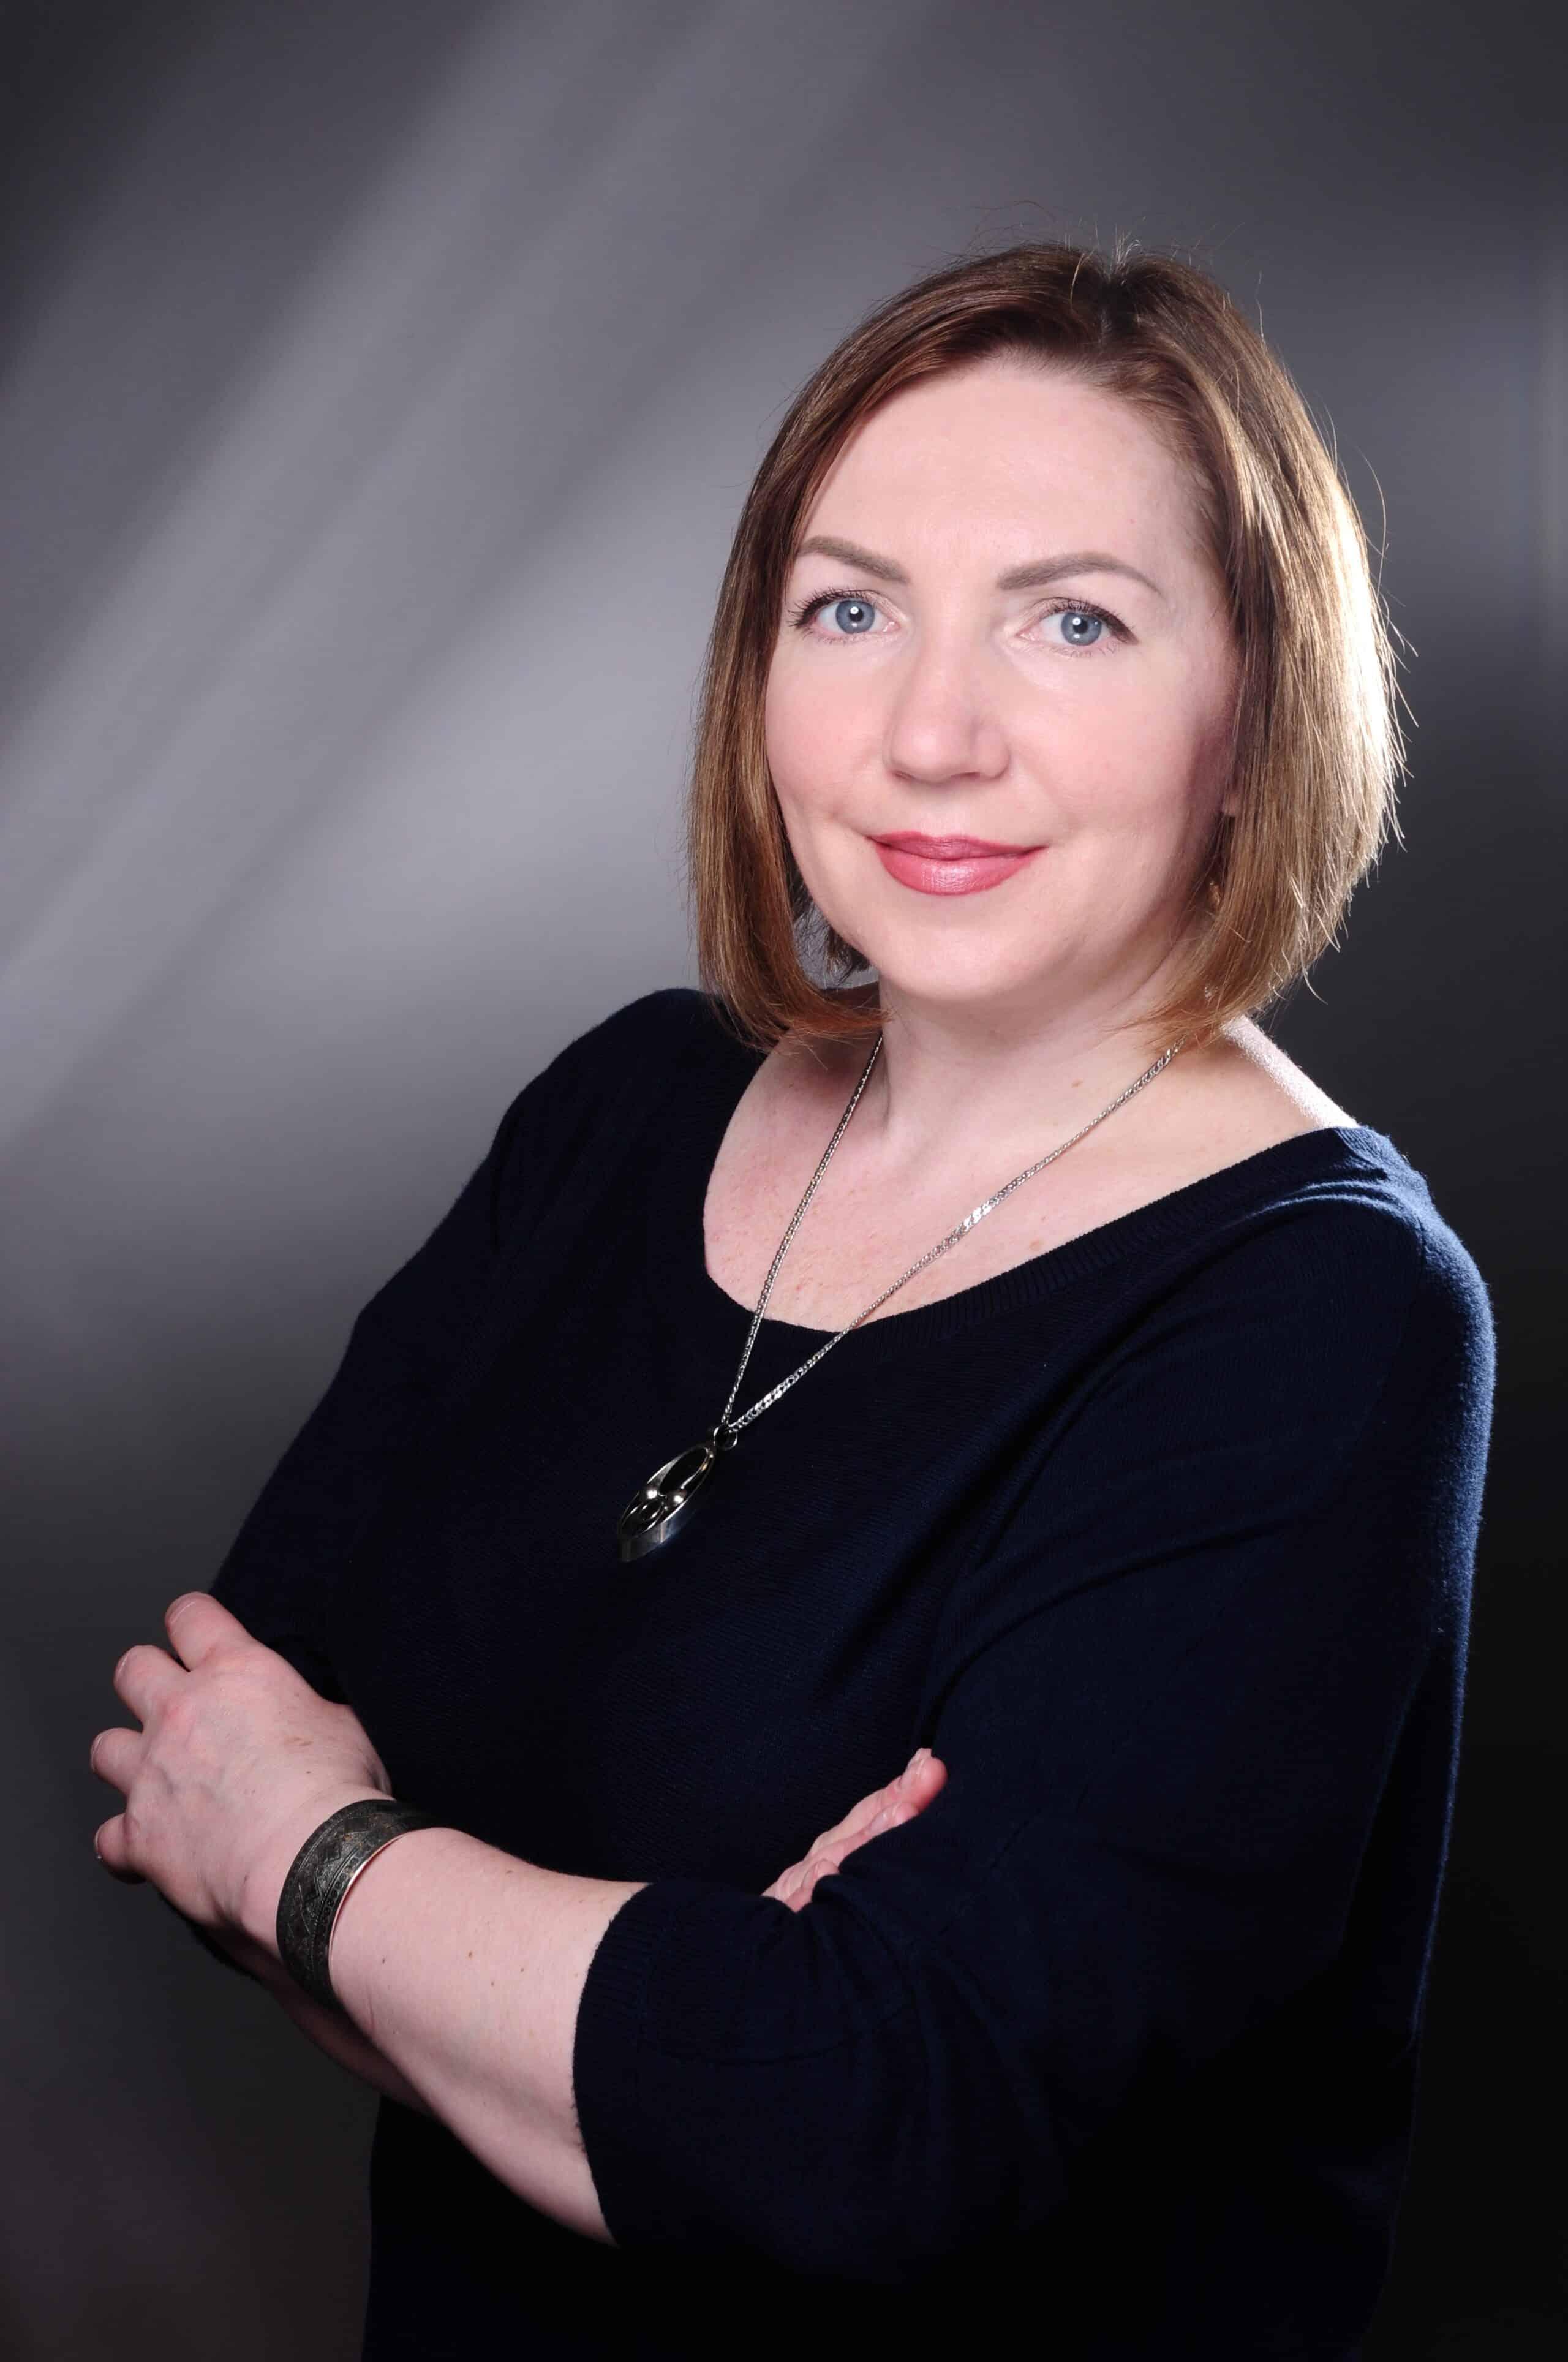 Olga Tytarenko